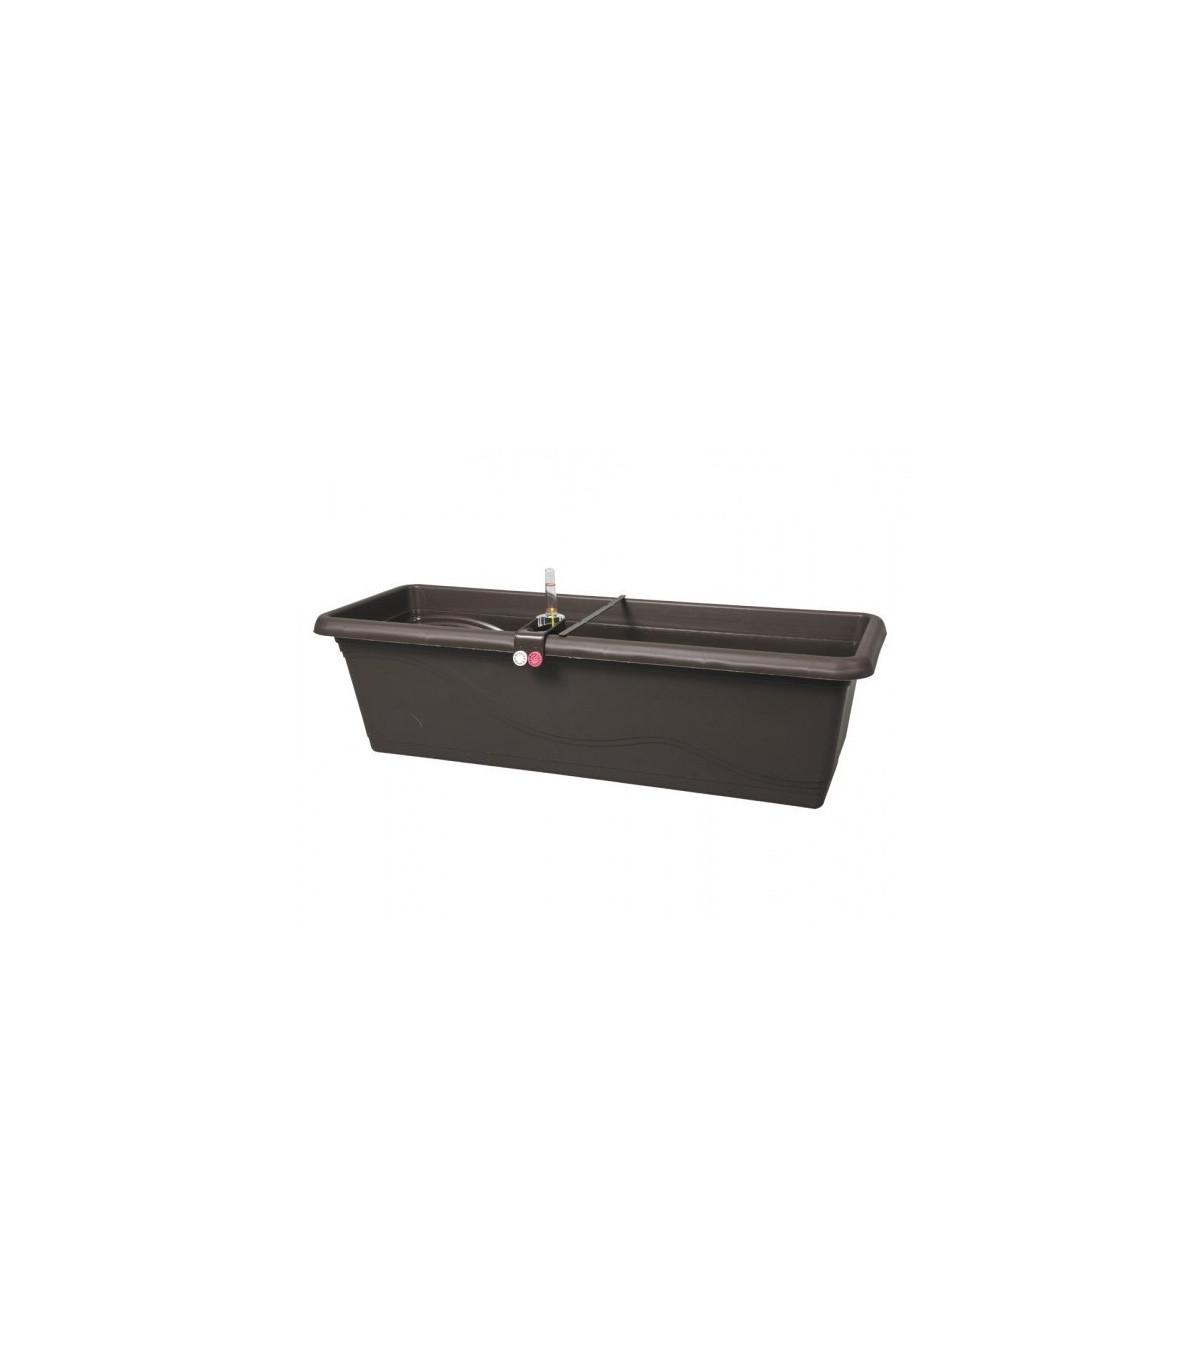 Samozavlažovací truhlík - Extra Lina Smart - hnedý - 40 cm